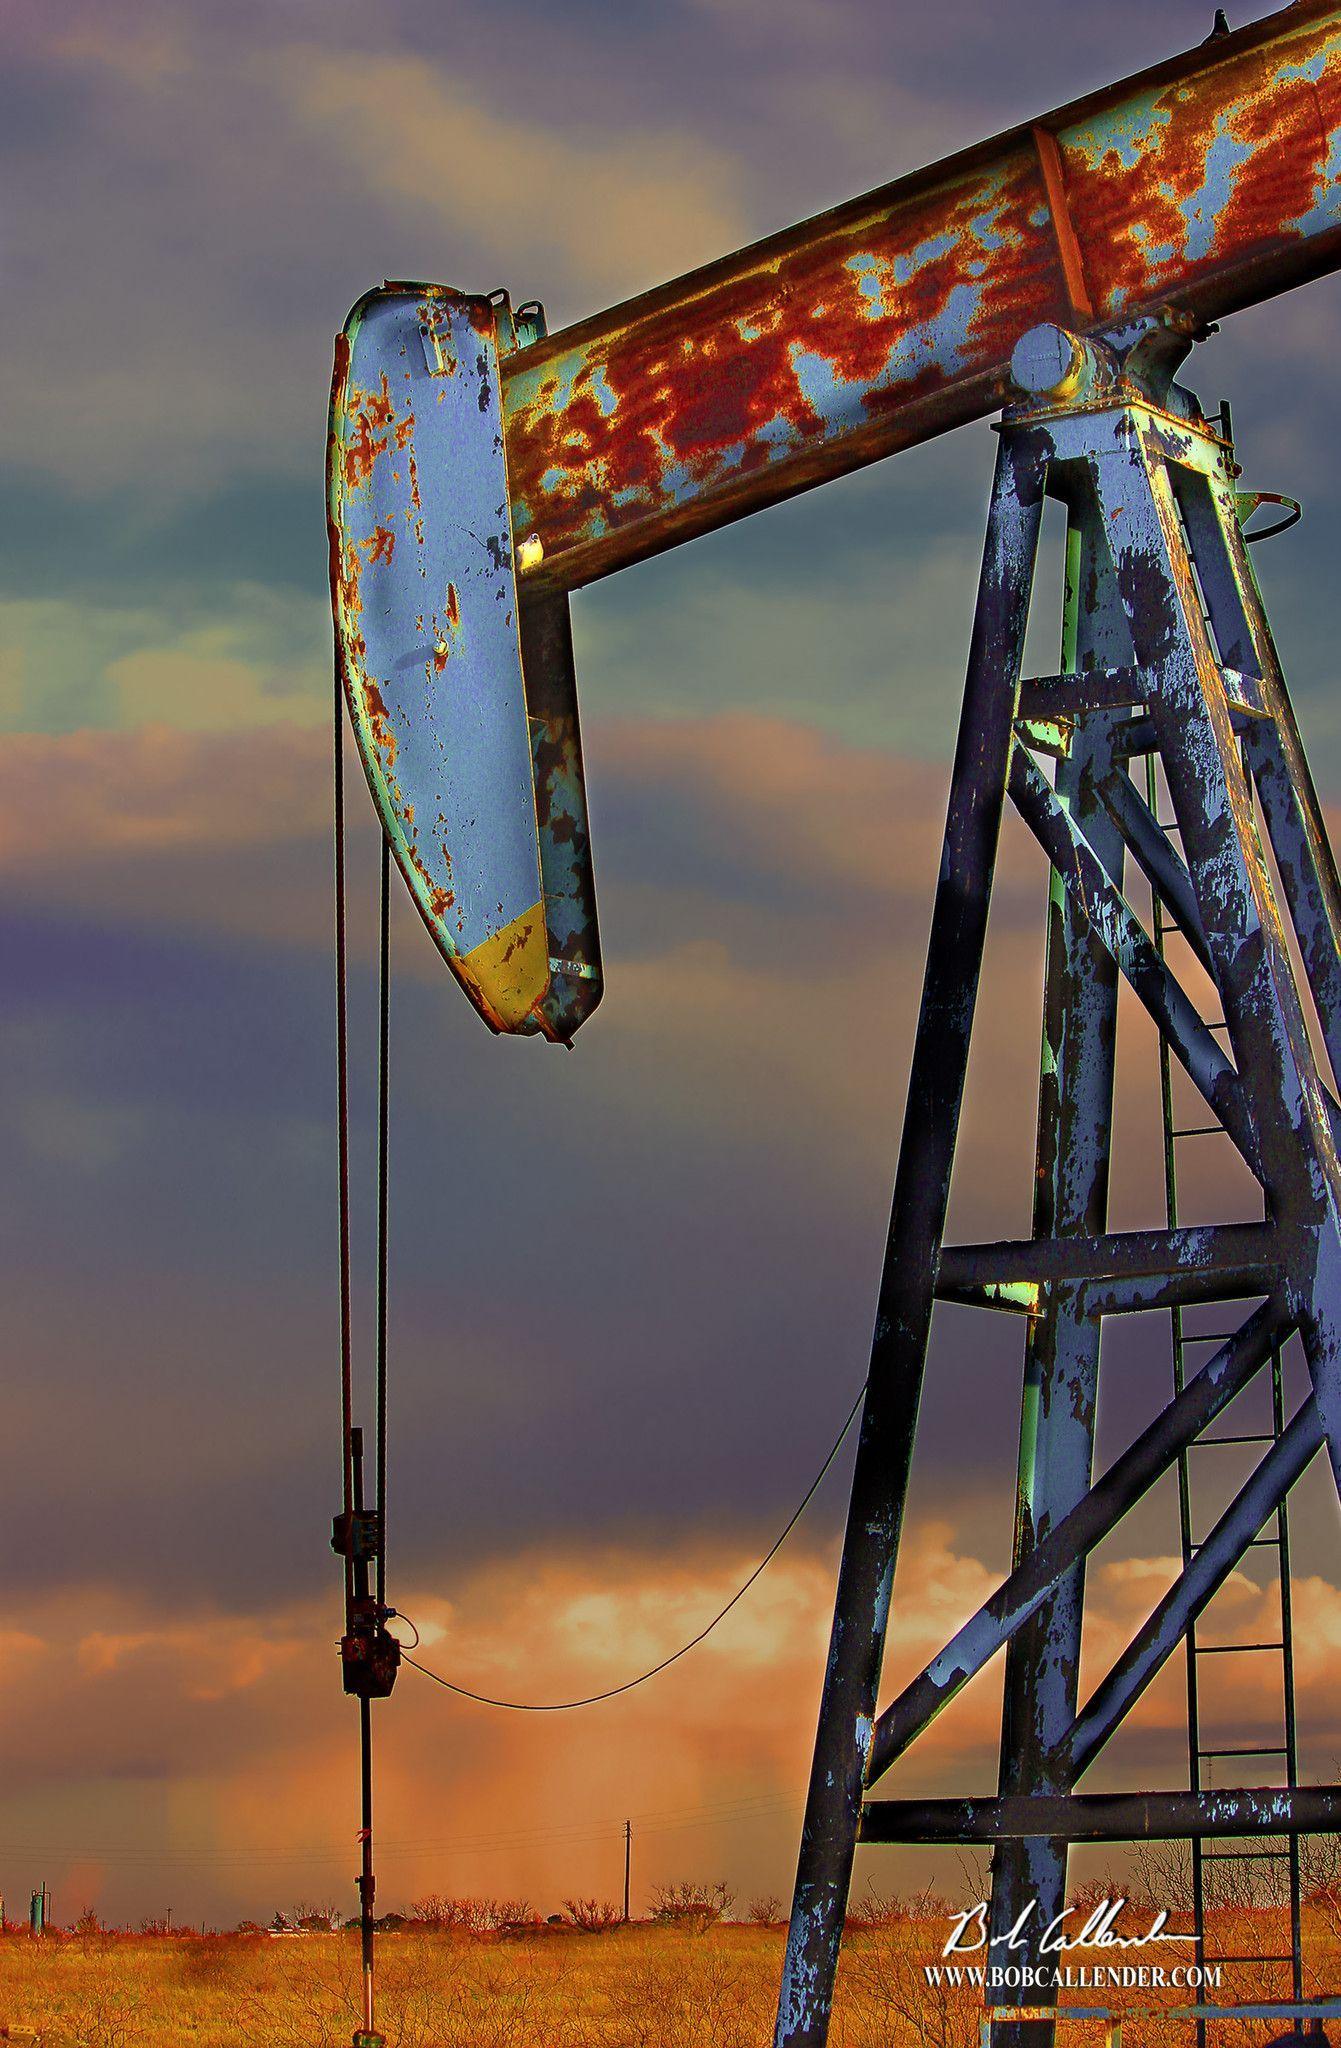 Rain or Shine Oilfield, Oil rig, Oils